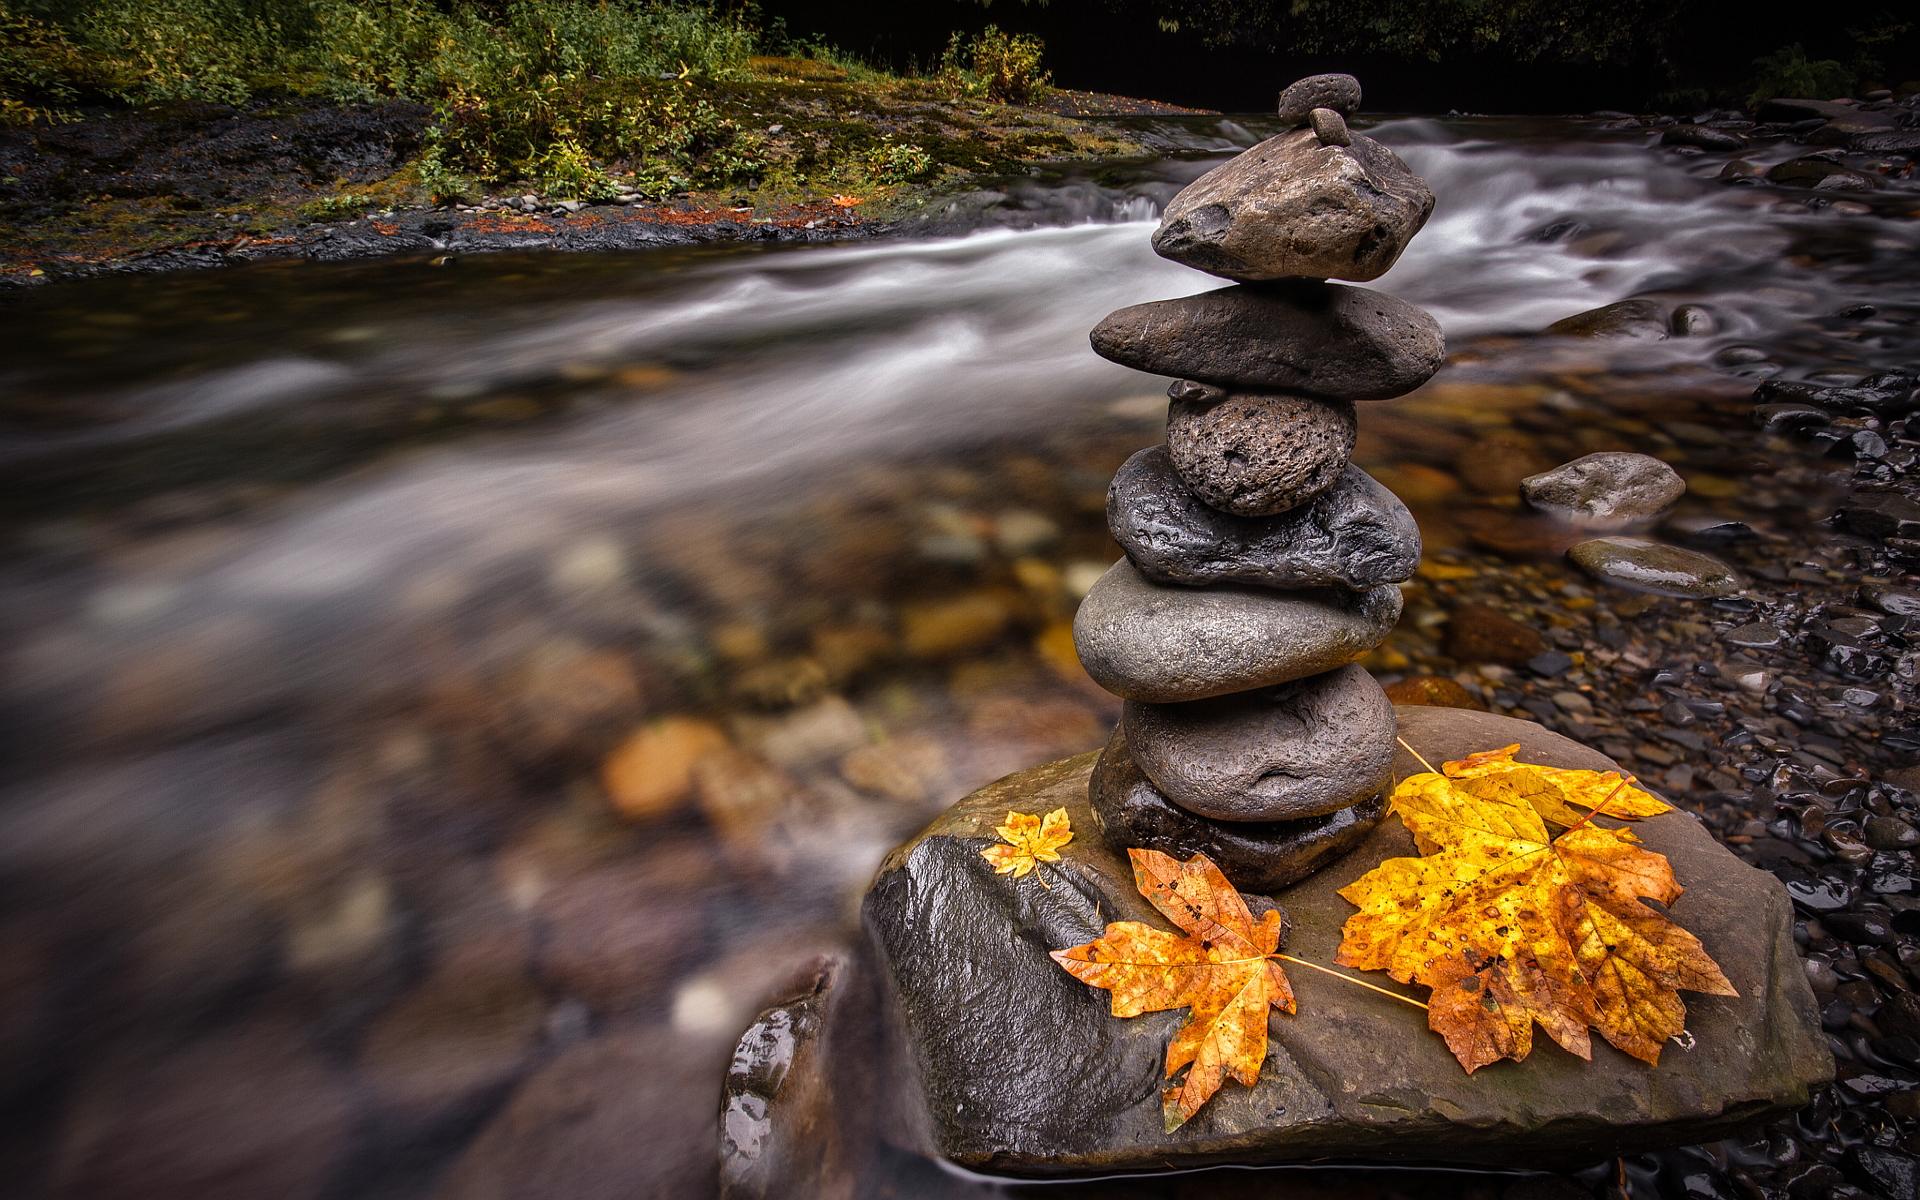 Creek stones